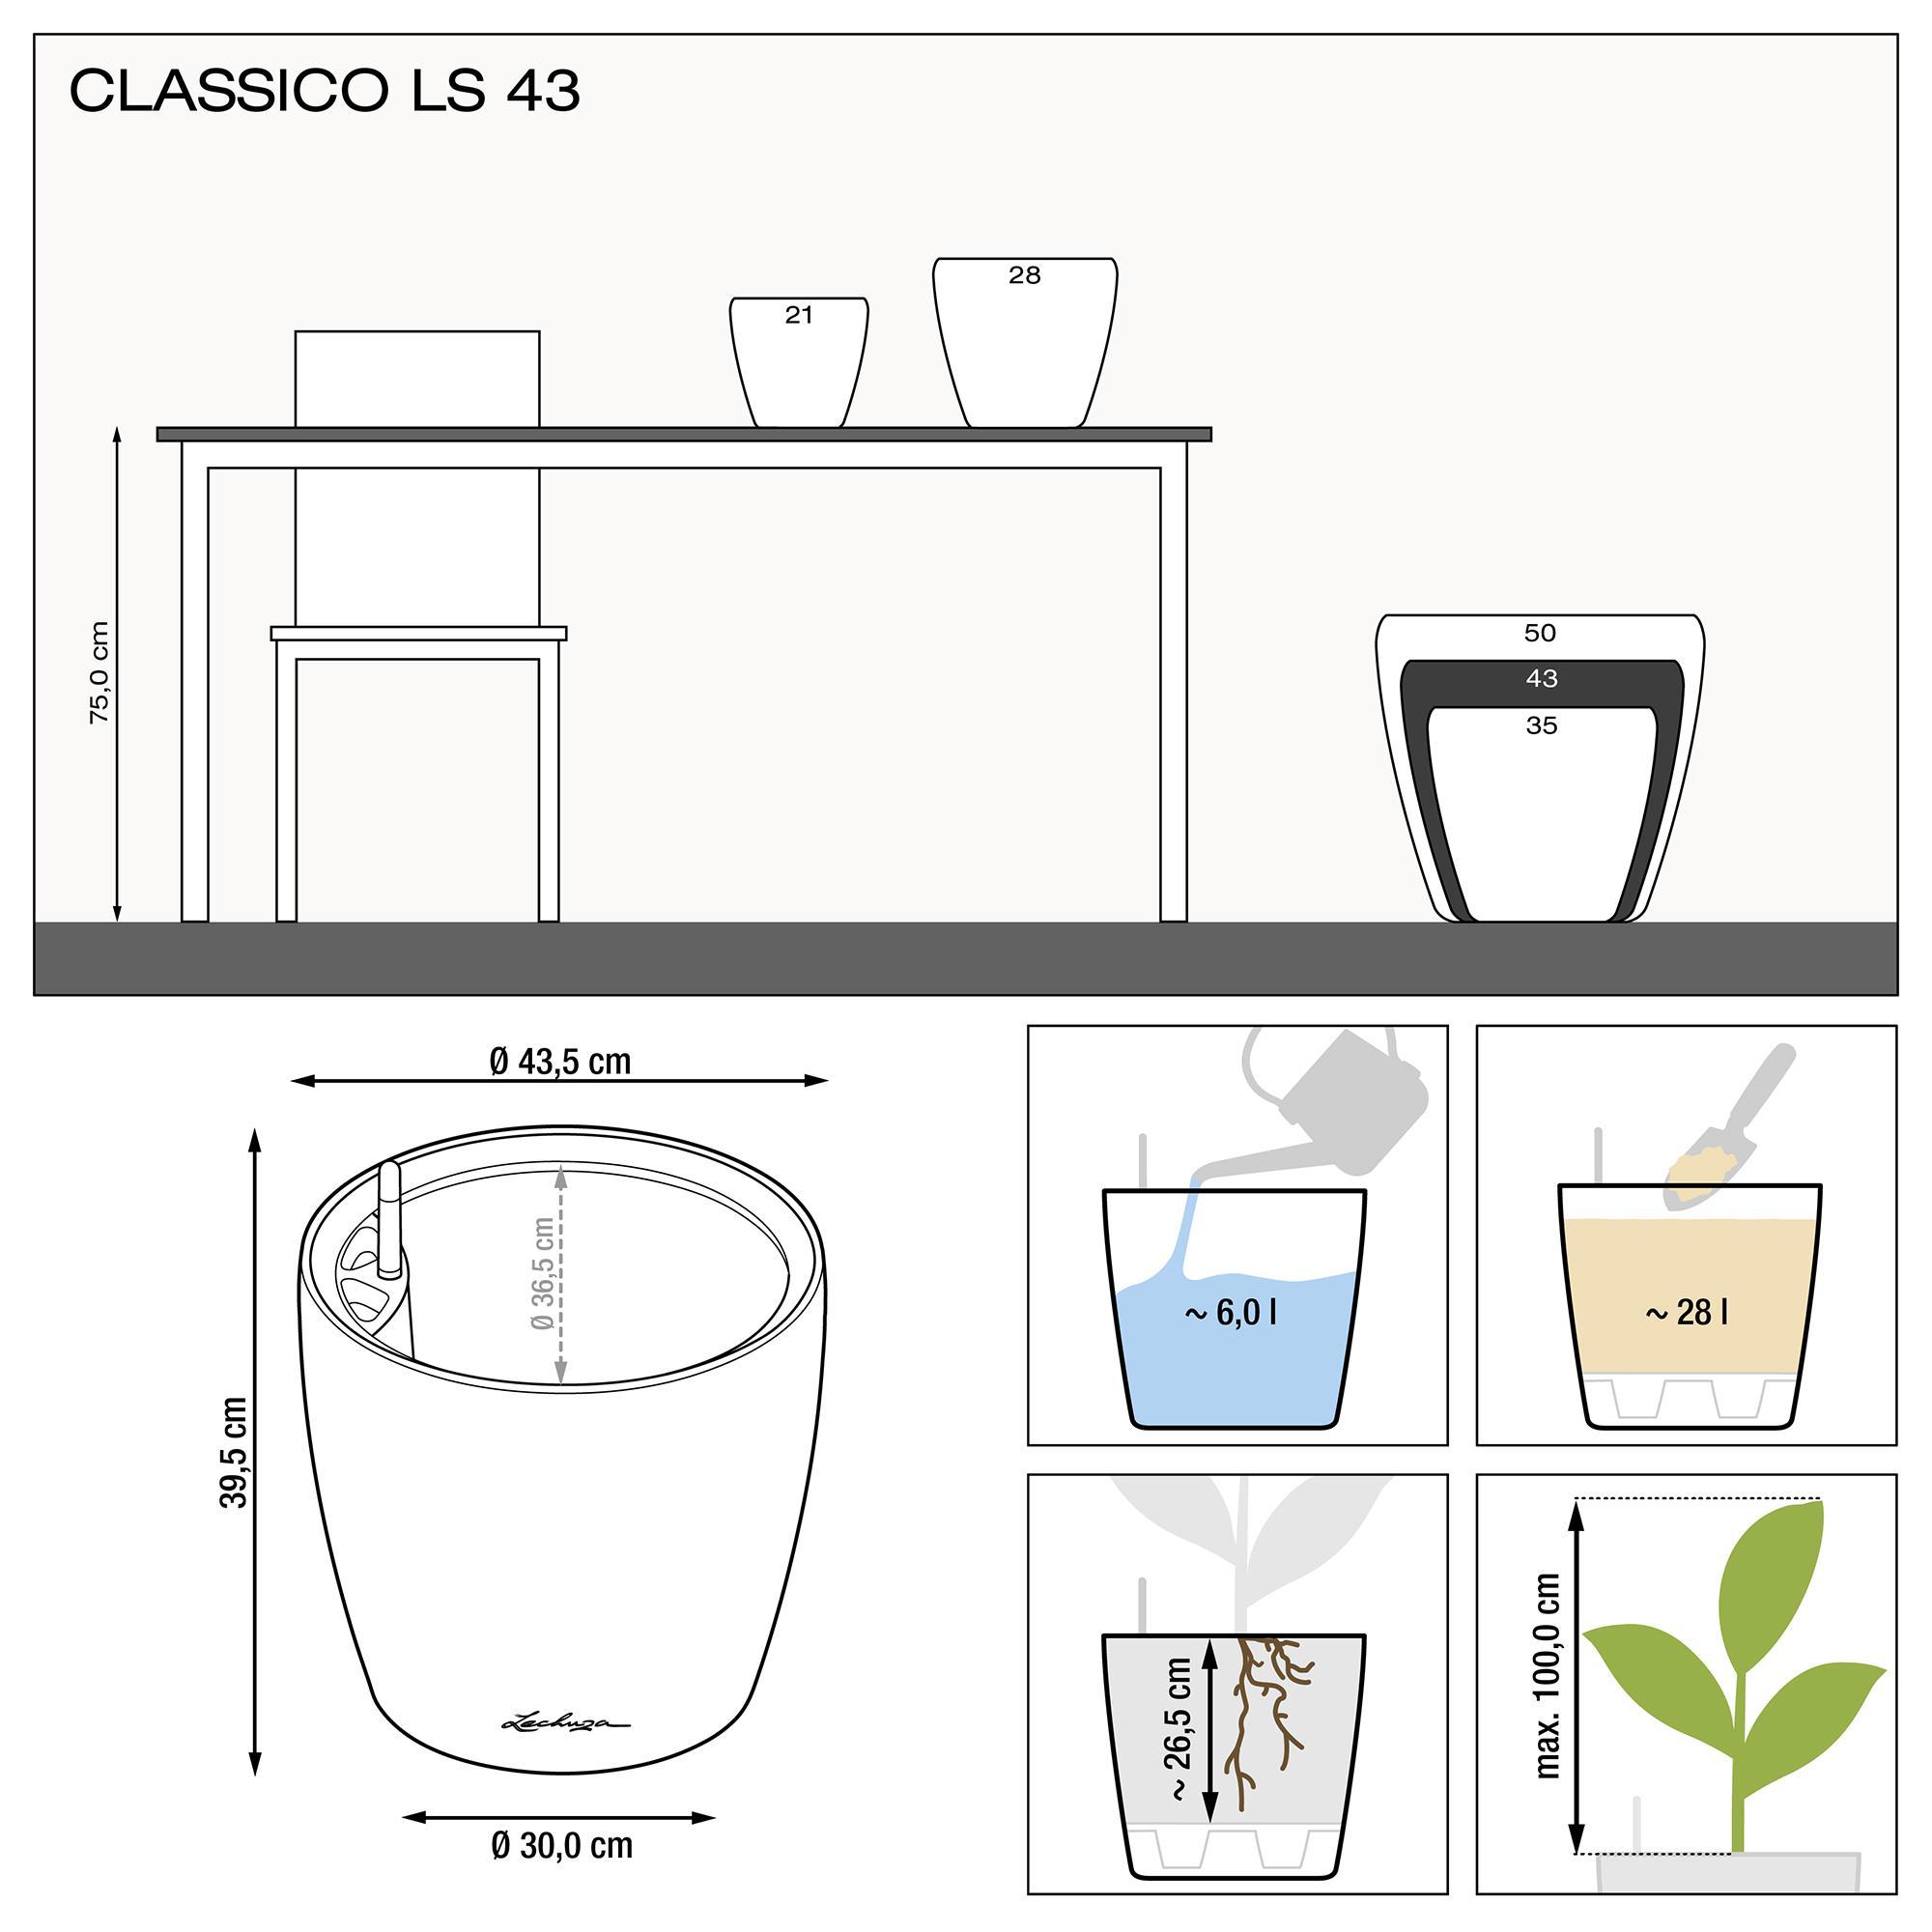 CLASSICO LS 43 Белый блестящий - изображение 3